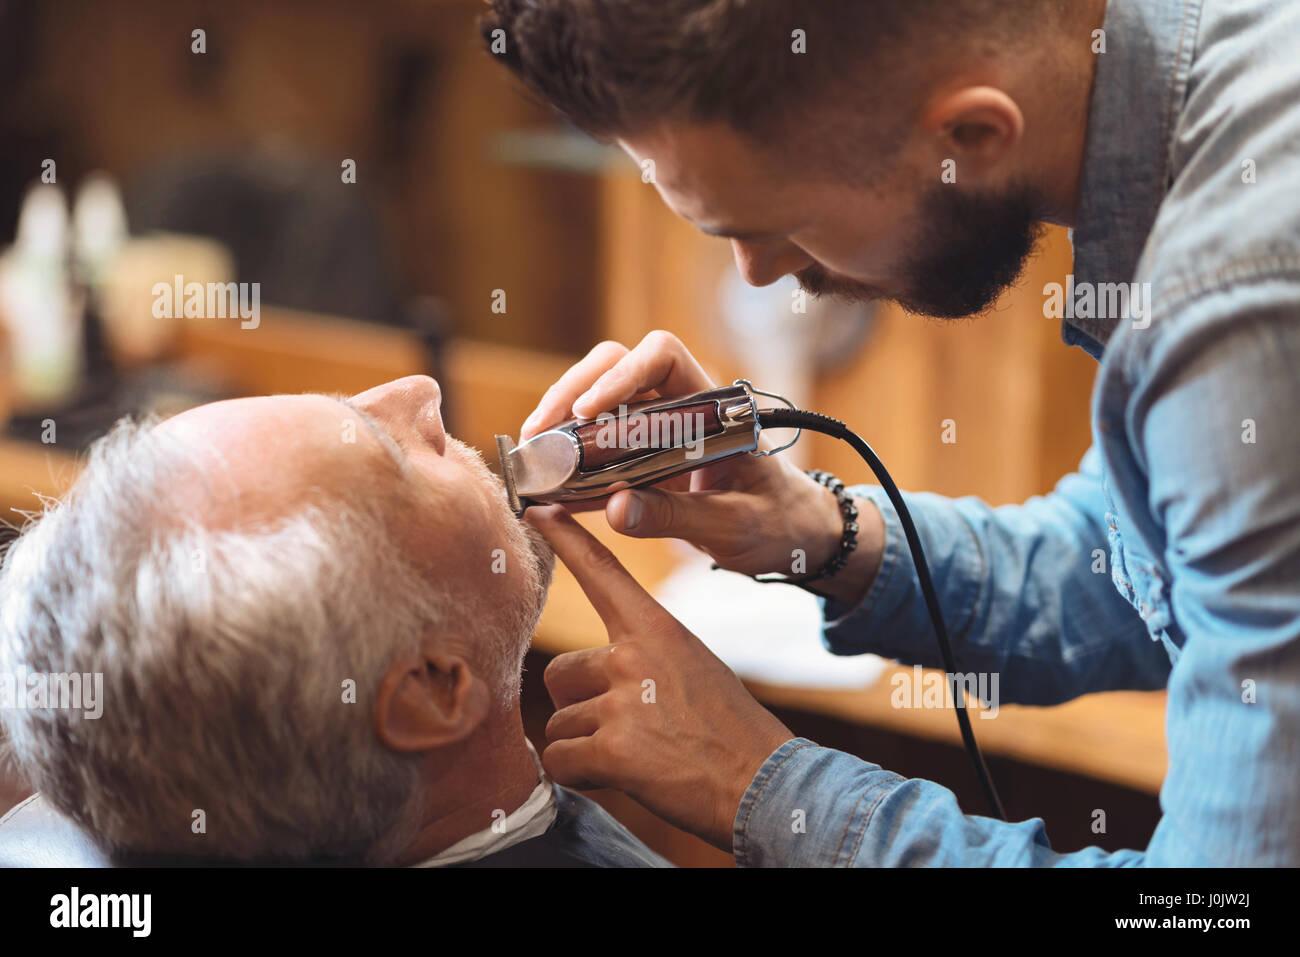 Coiffure charismatique barbe en forme du client dans le barbershop Photo Stock